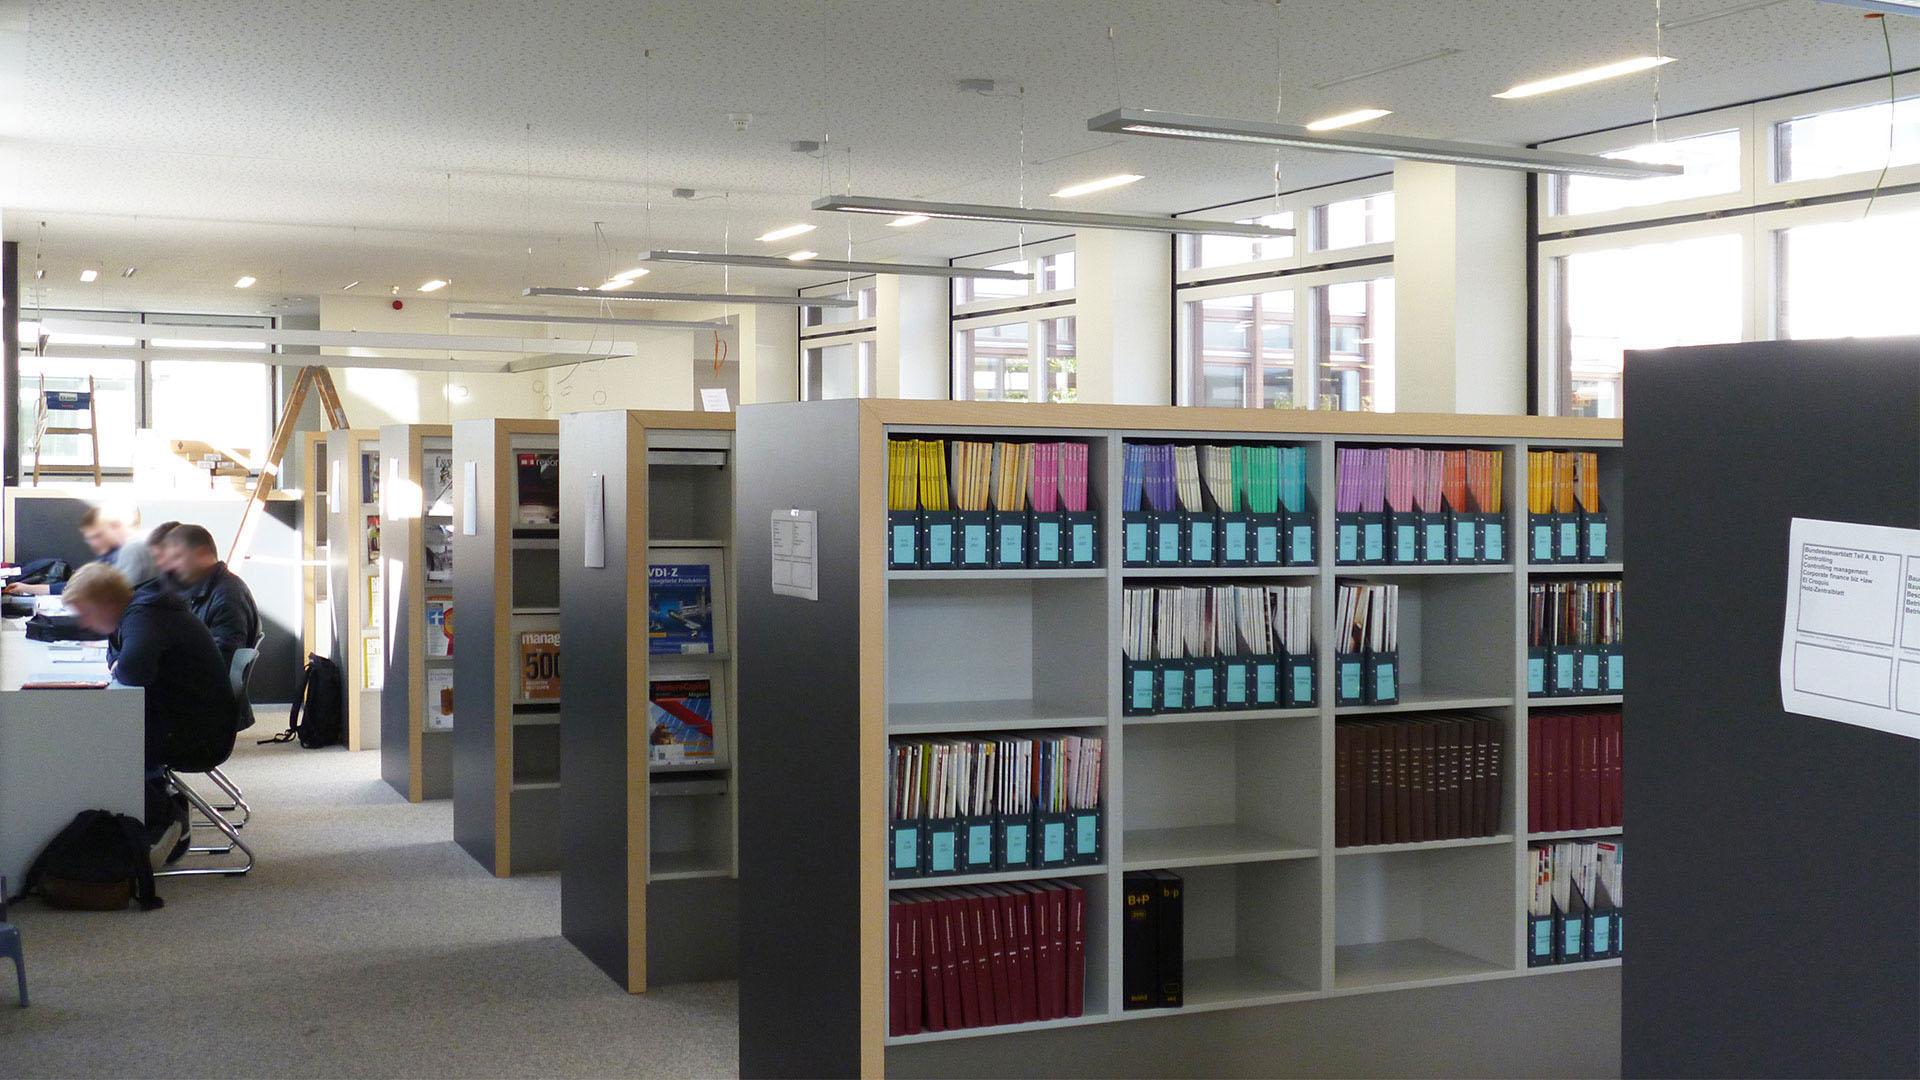 Technische Hochschule Rosenheim Zeitschriftenregale Arbeitsplätze